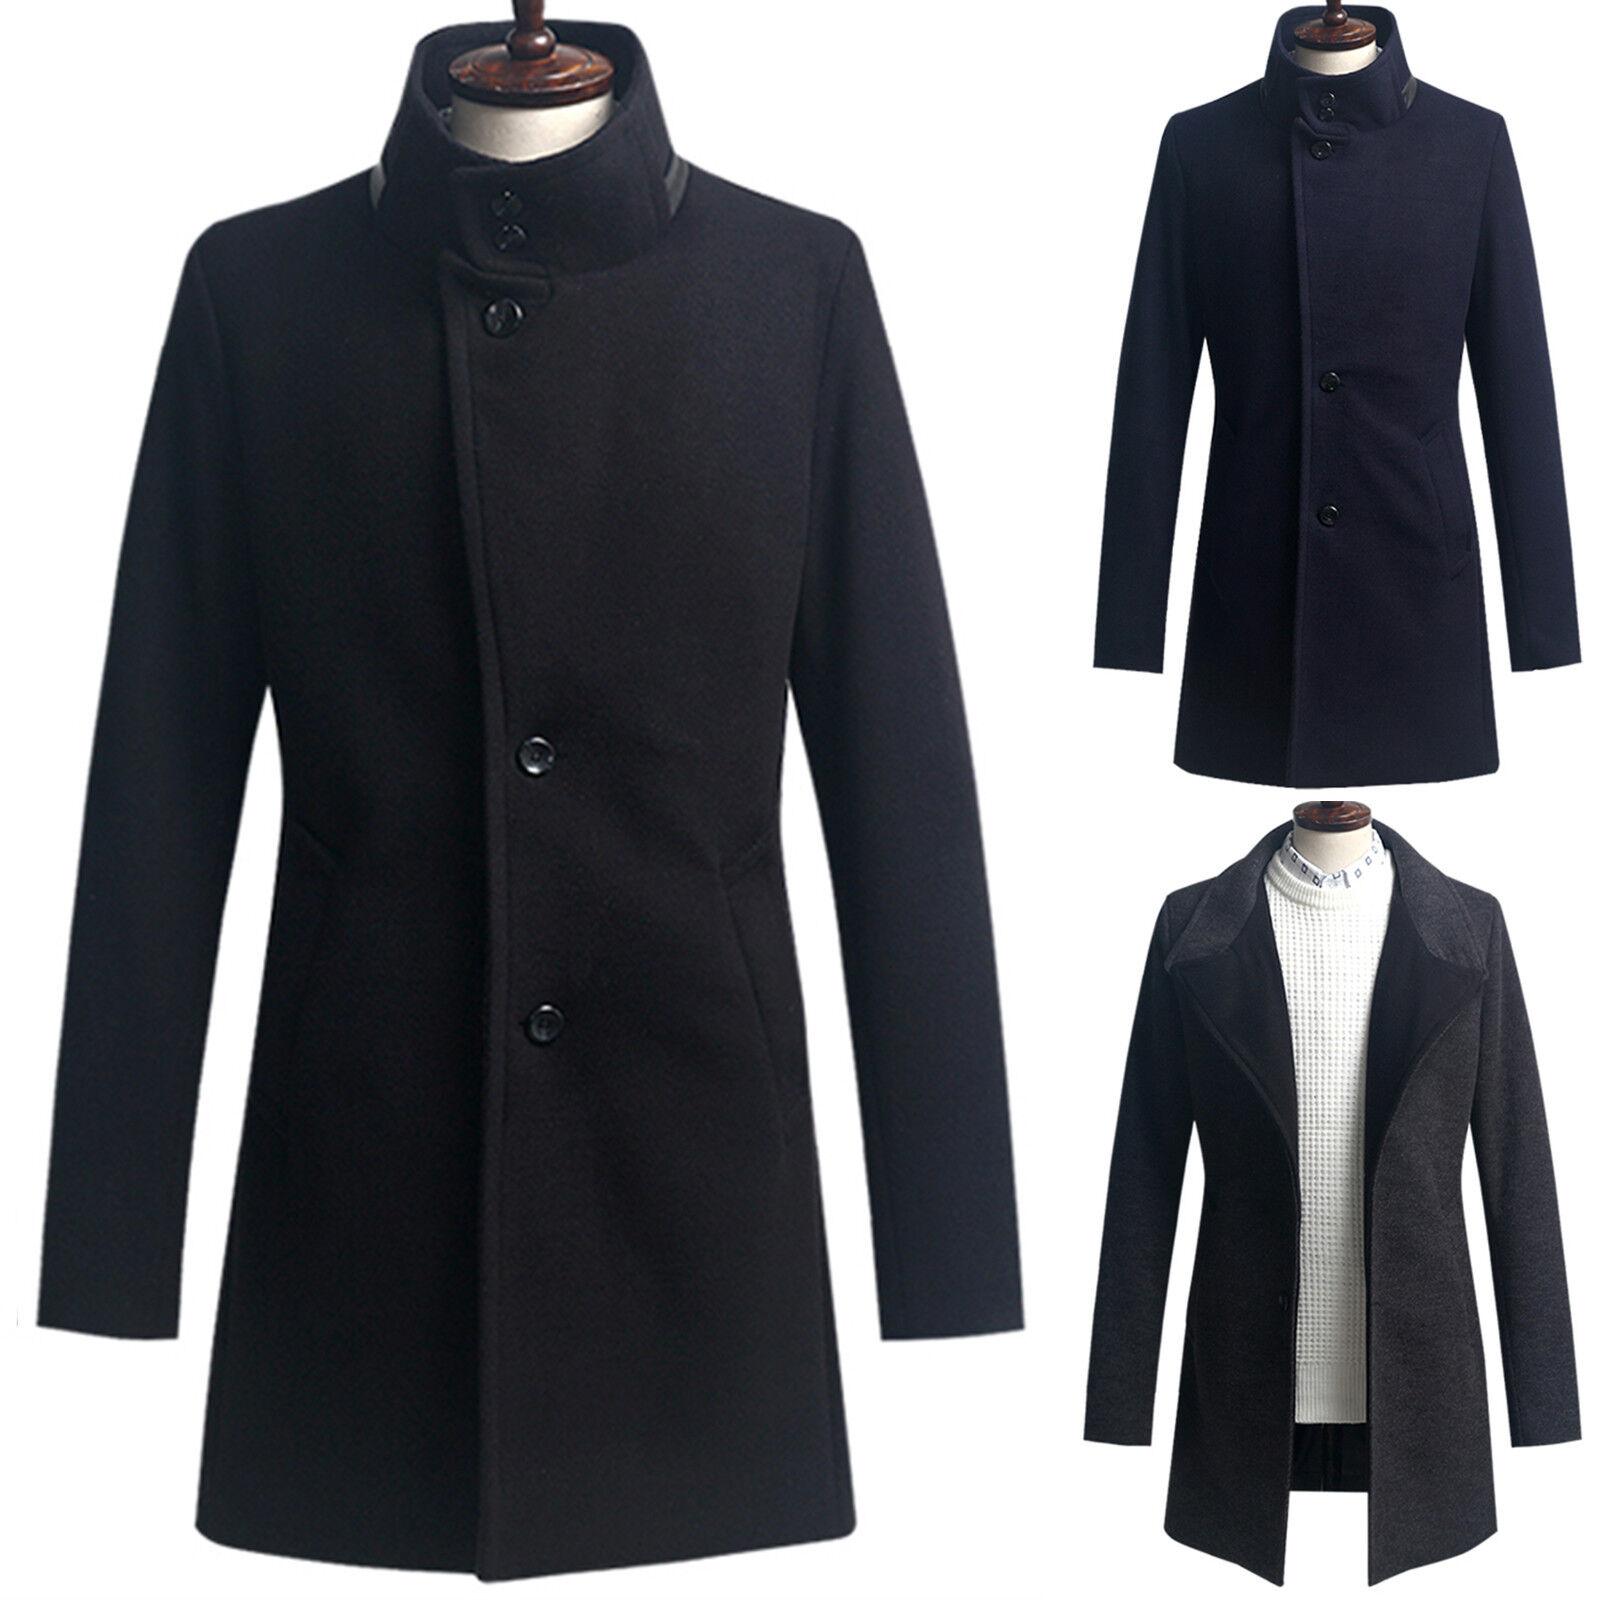 Mens Slim Fit Fabulous Half Coat Blazer Jacket Jumper Outwear Top W054 - XS S M